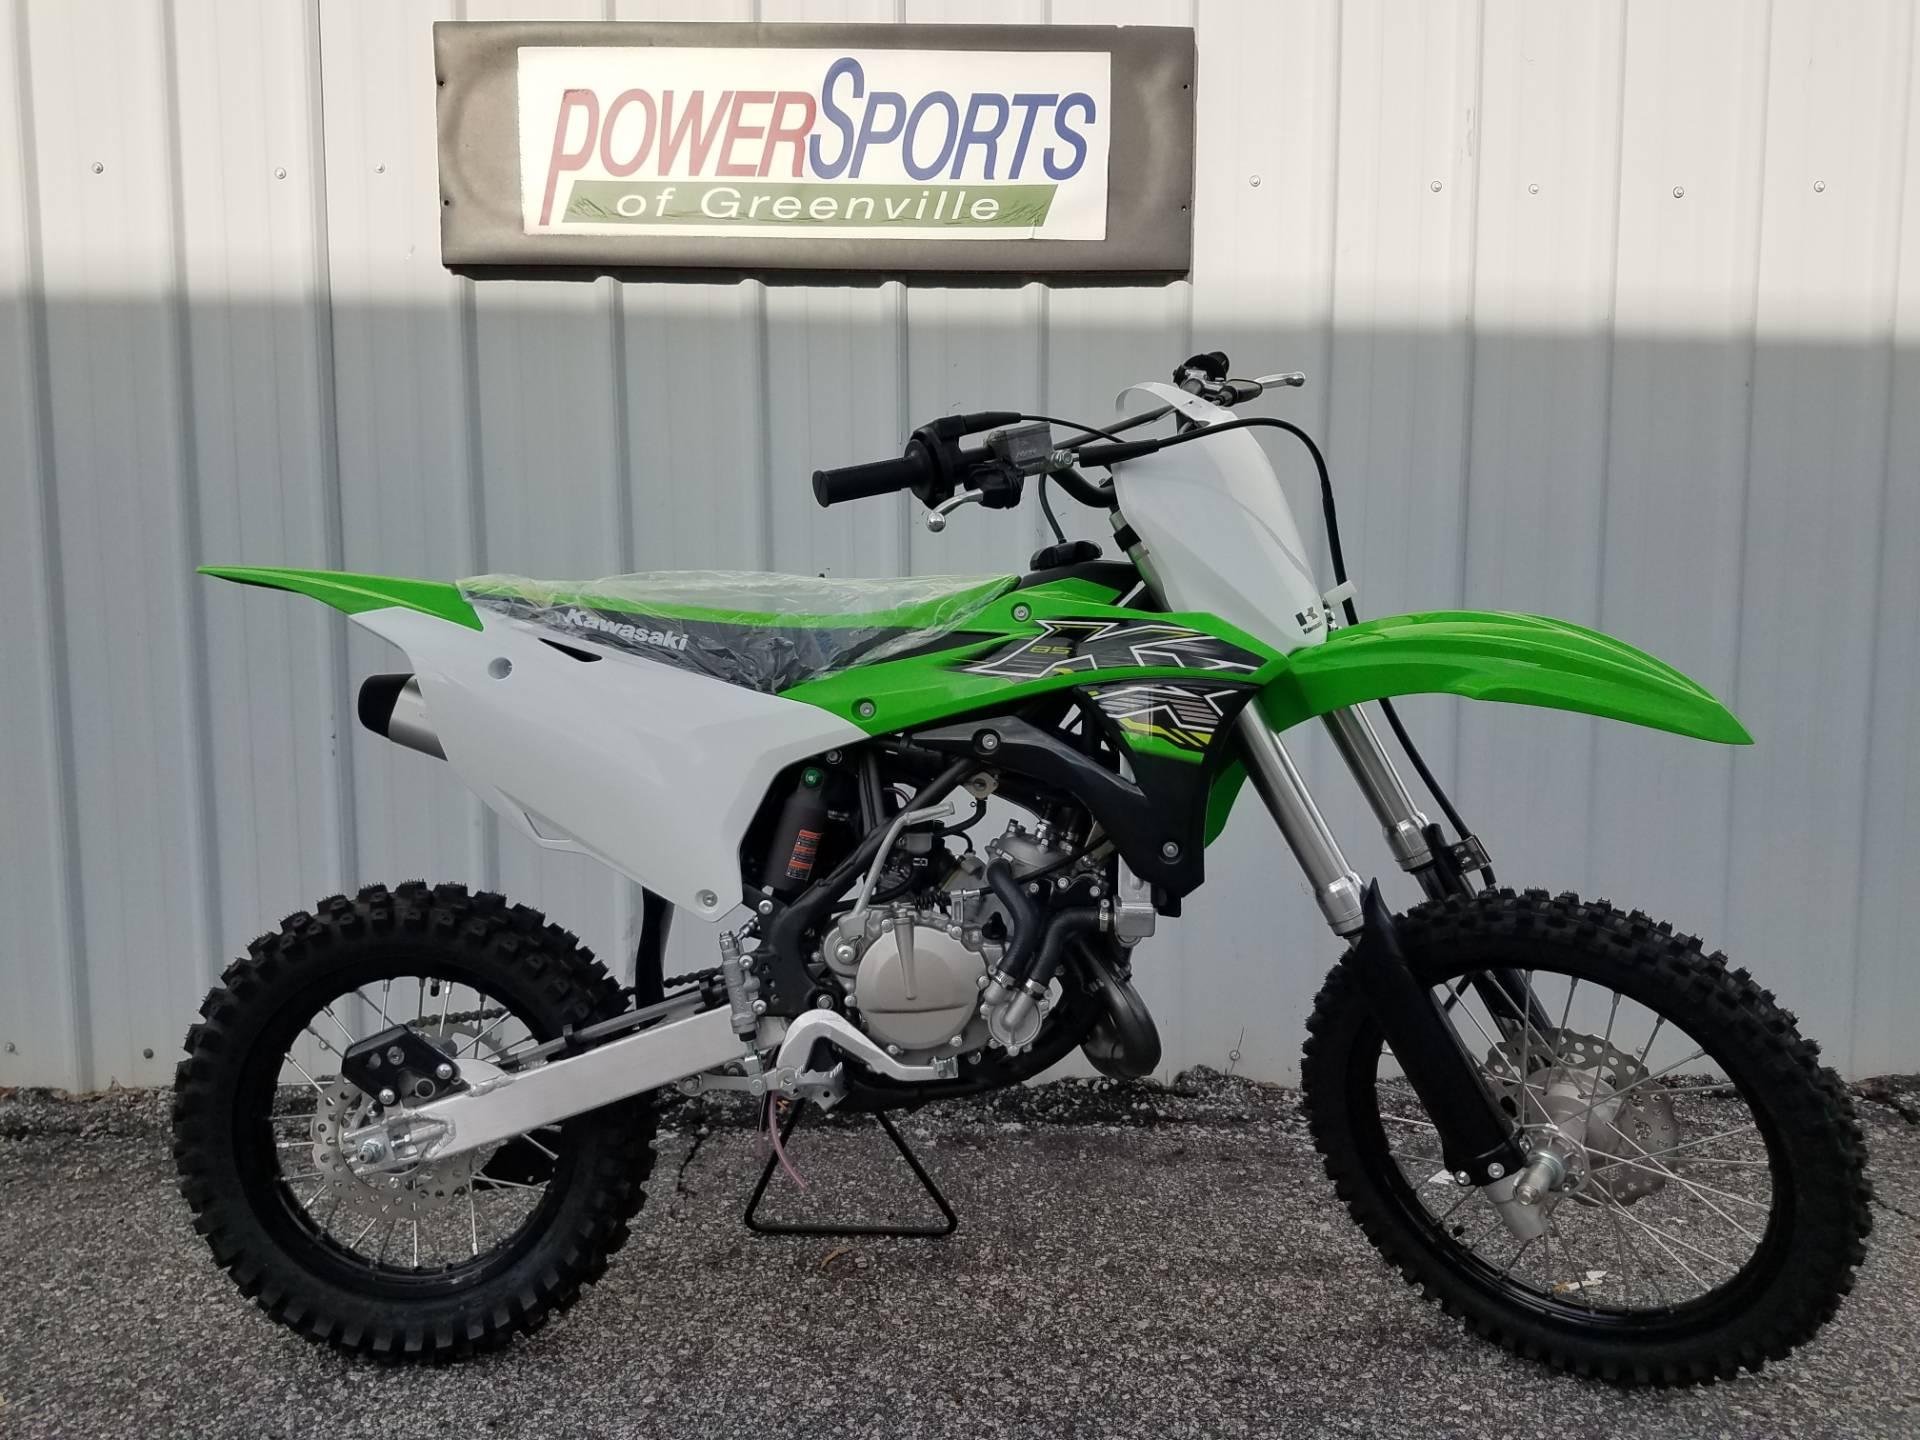 2019 Kawasaki KX 85 in Greenville, South Carolina